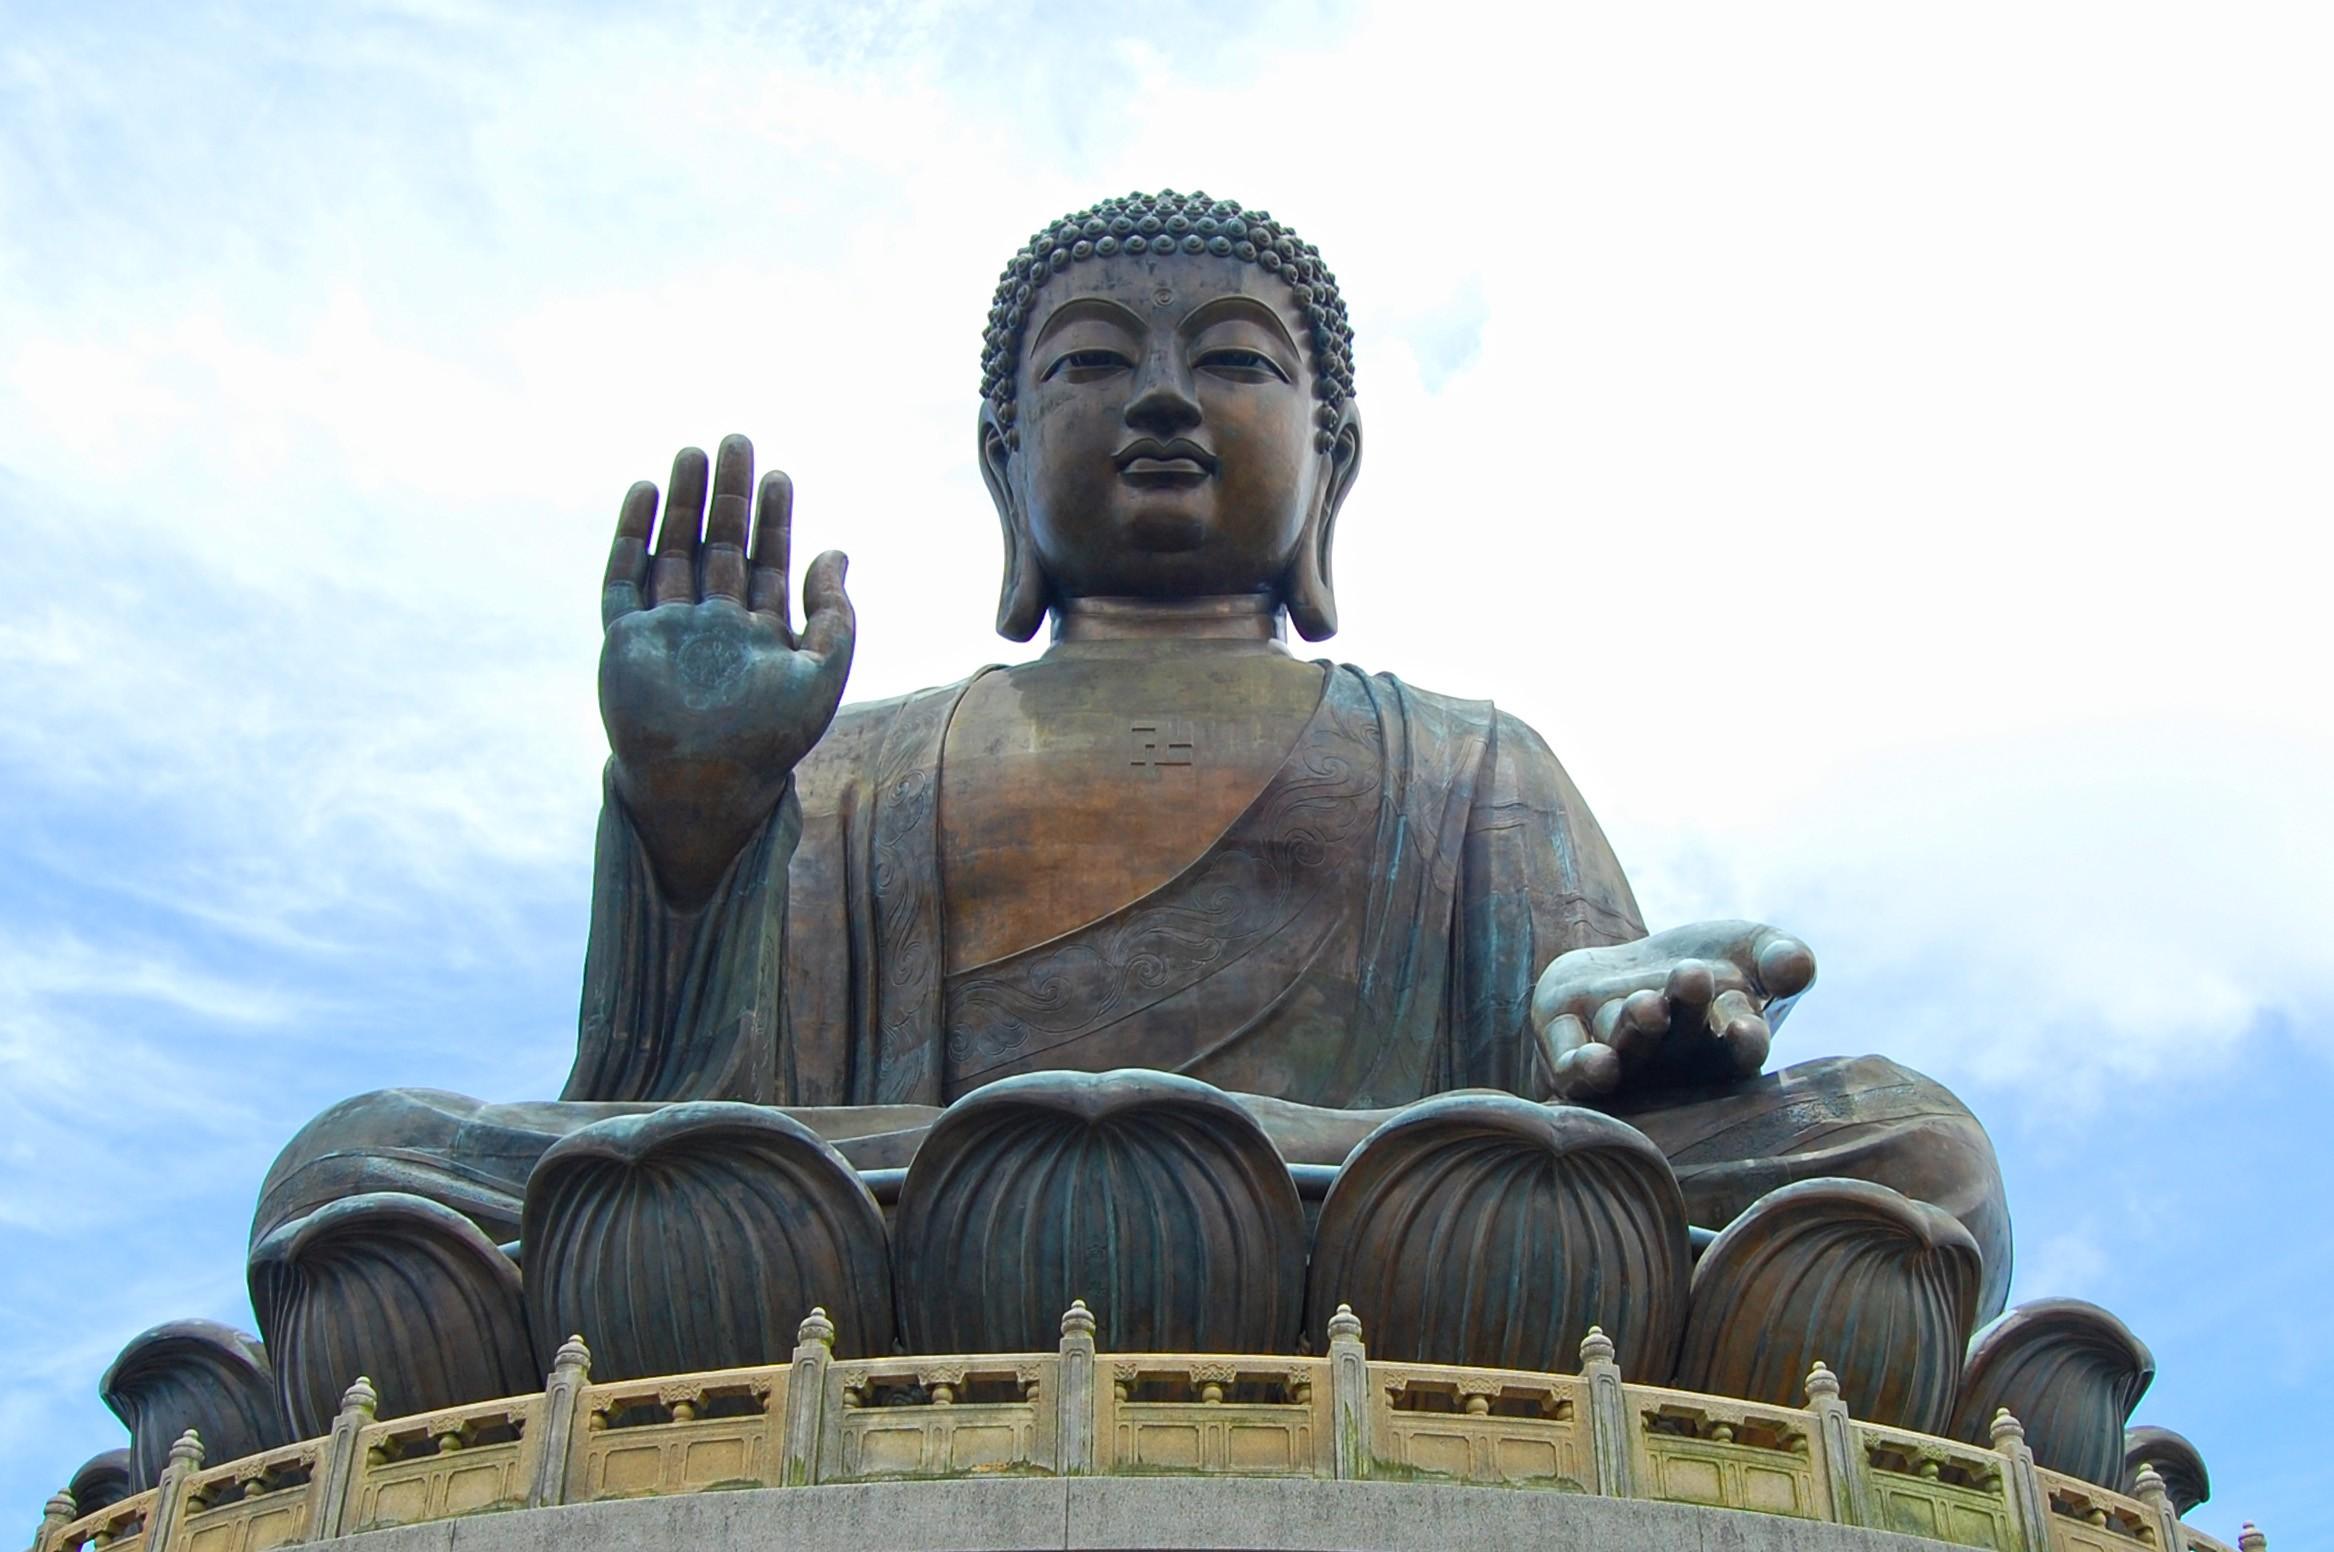 11. Buda de Tian Tan